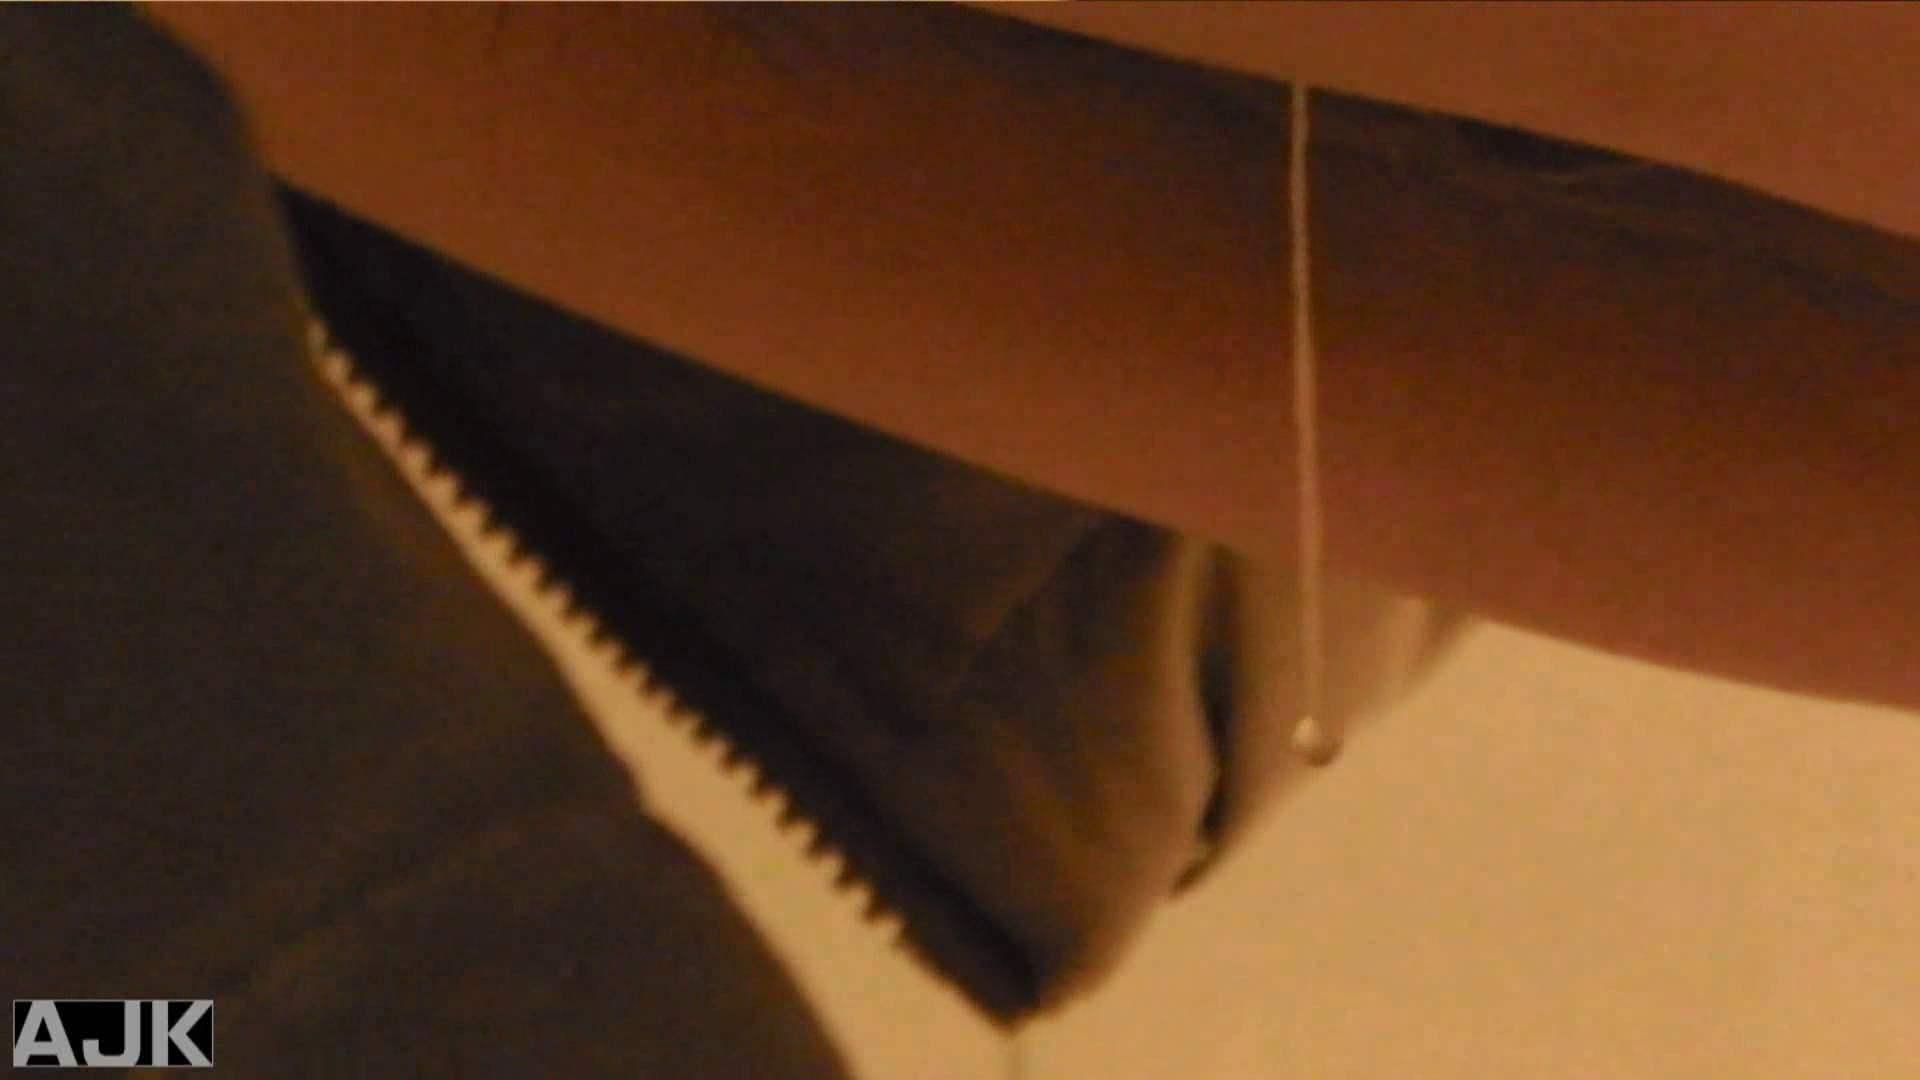 神降臨!史上最強の潜入かわや! vol.10 潜入 のぞき動画画像 62連発 31